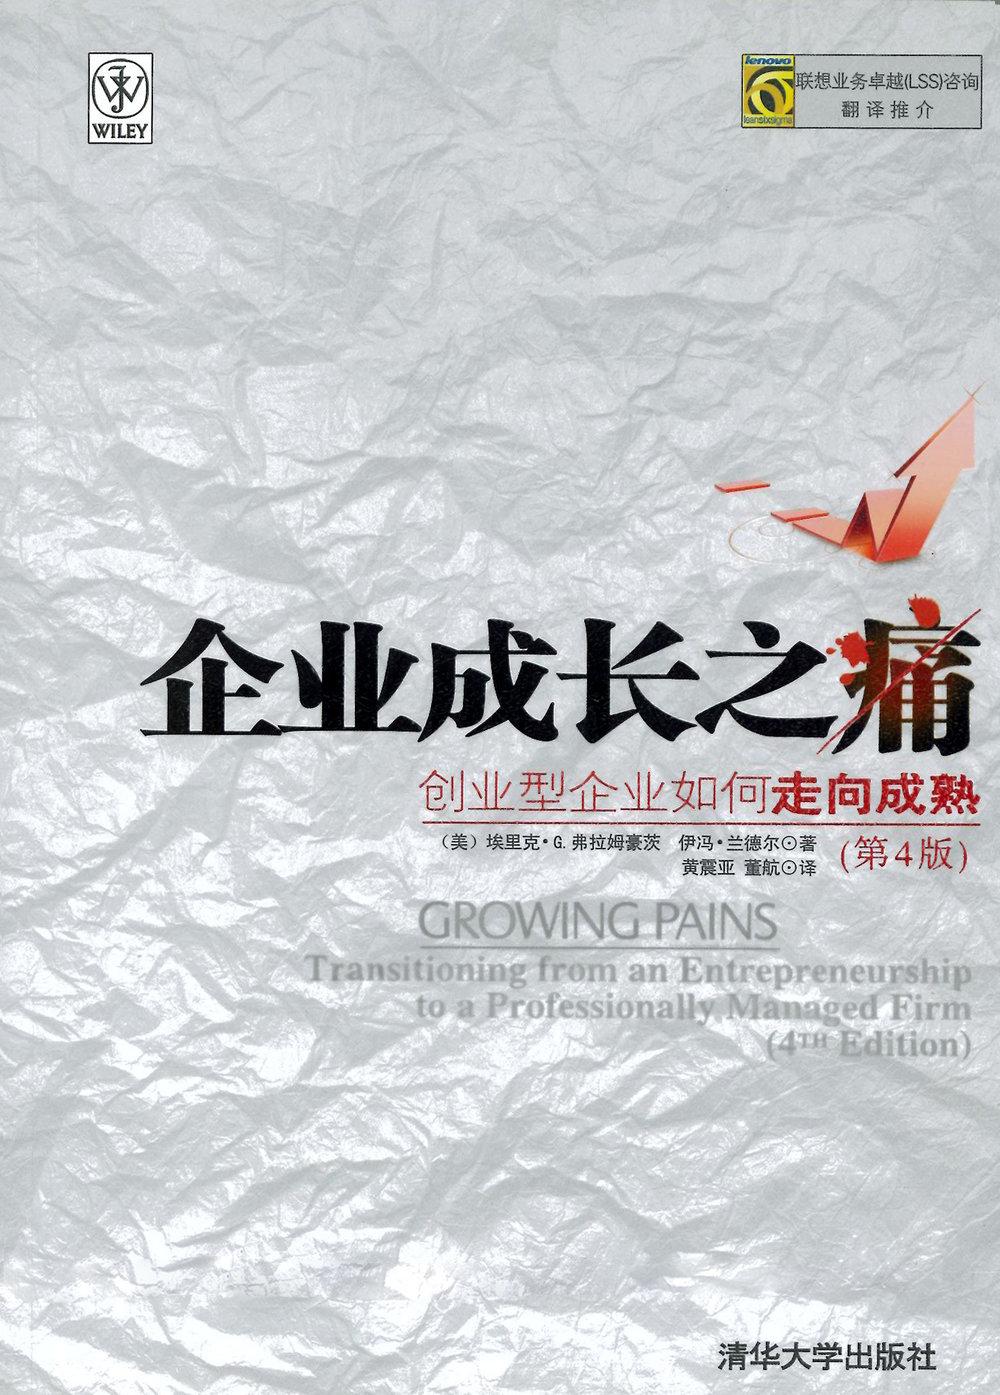 ChineseGrowingPains[3].jpg